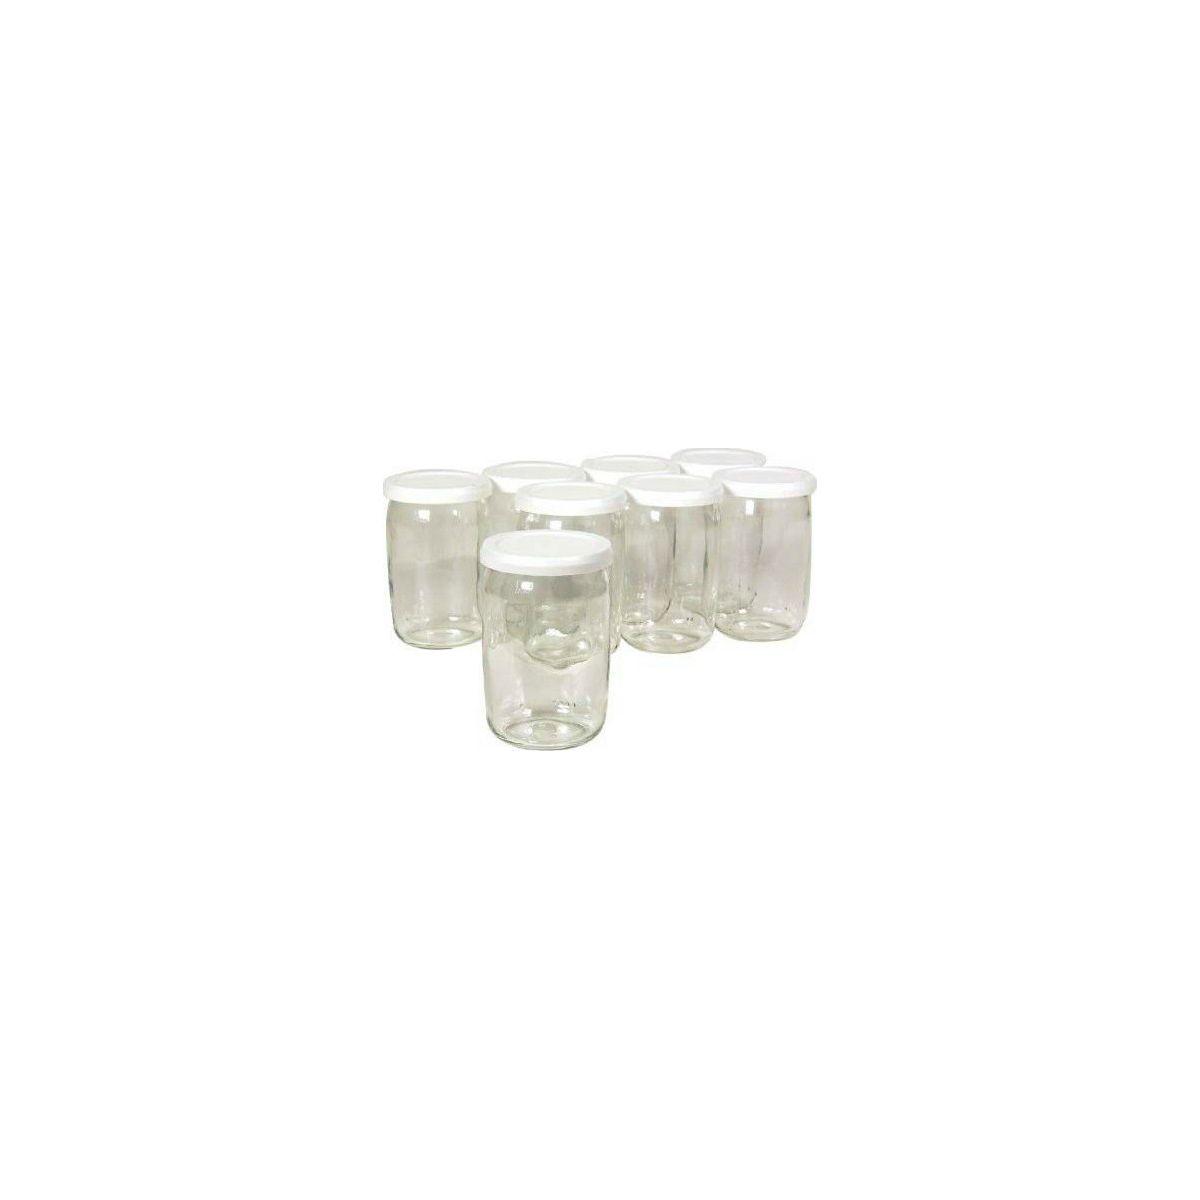 Pots seb 8 pots en verre couvercle farine - 10% de remise immédiate avec le code : cool10 (photo)